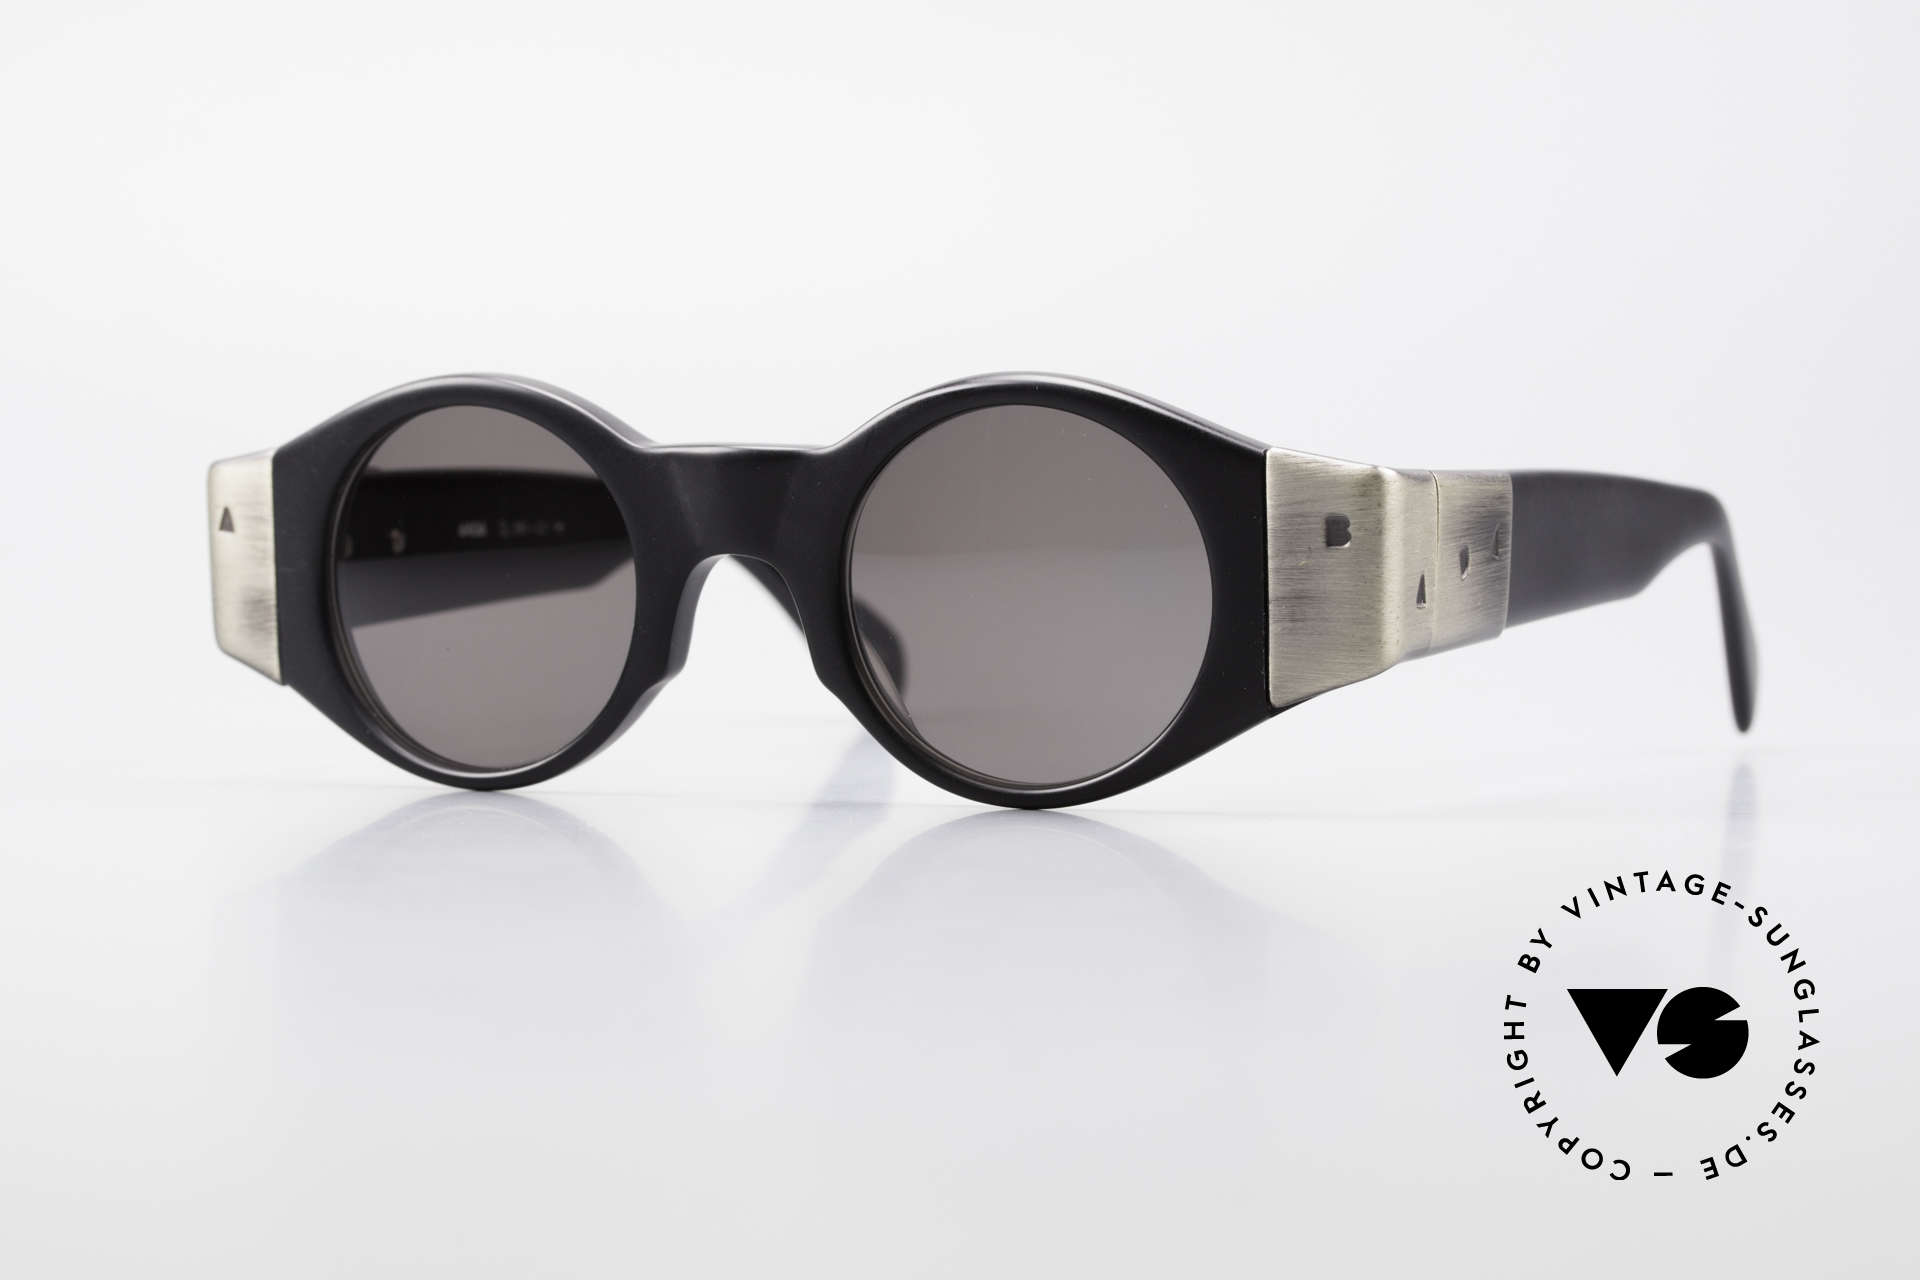 Bada BL686 High End 90er Sonnenbrille, alte vintage BADA Sonnenbrille aus den 90er Jahren, Passend für Herren und Damen